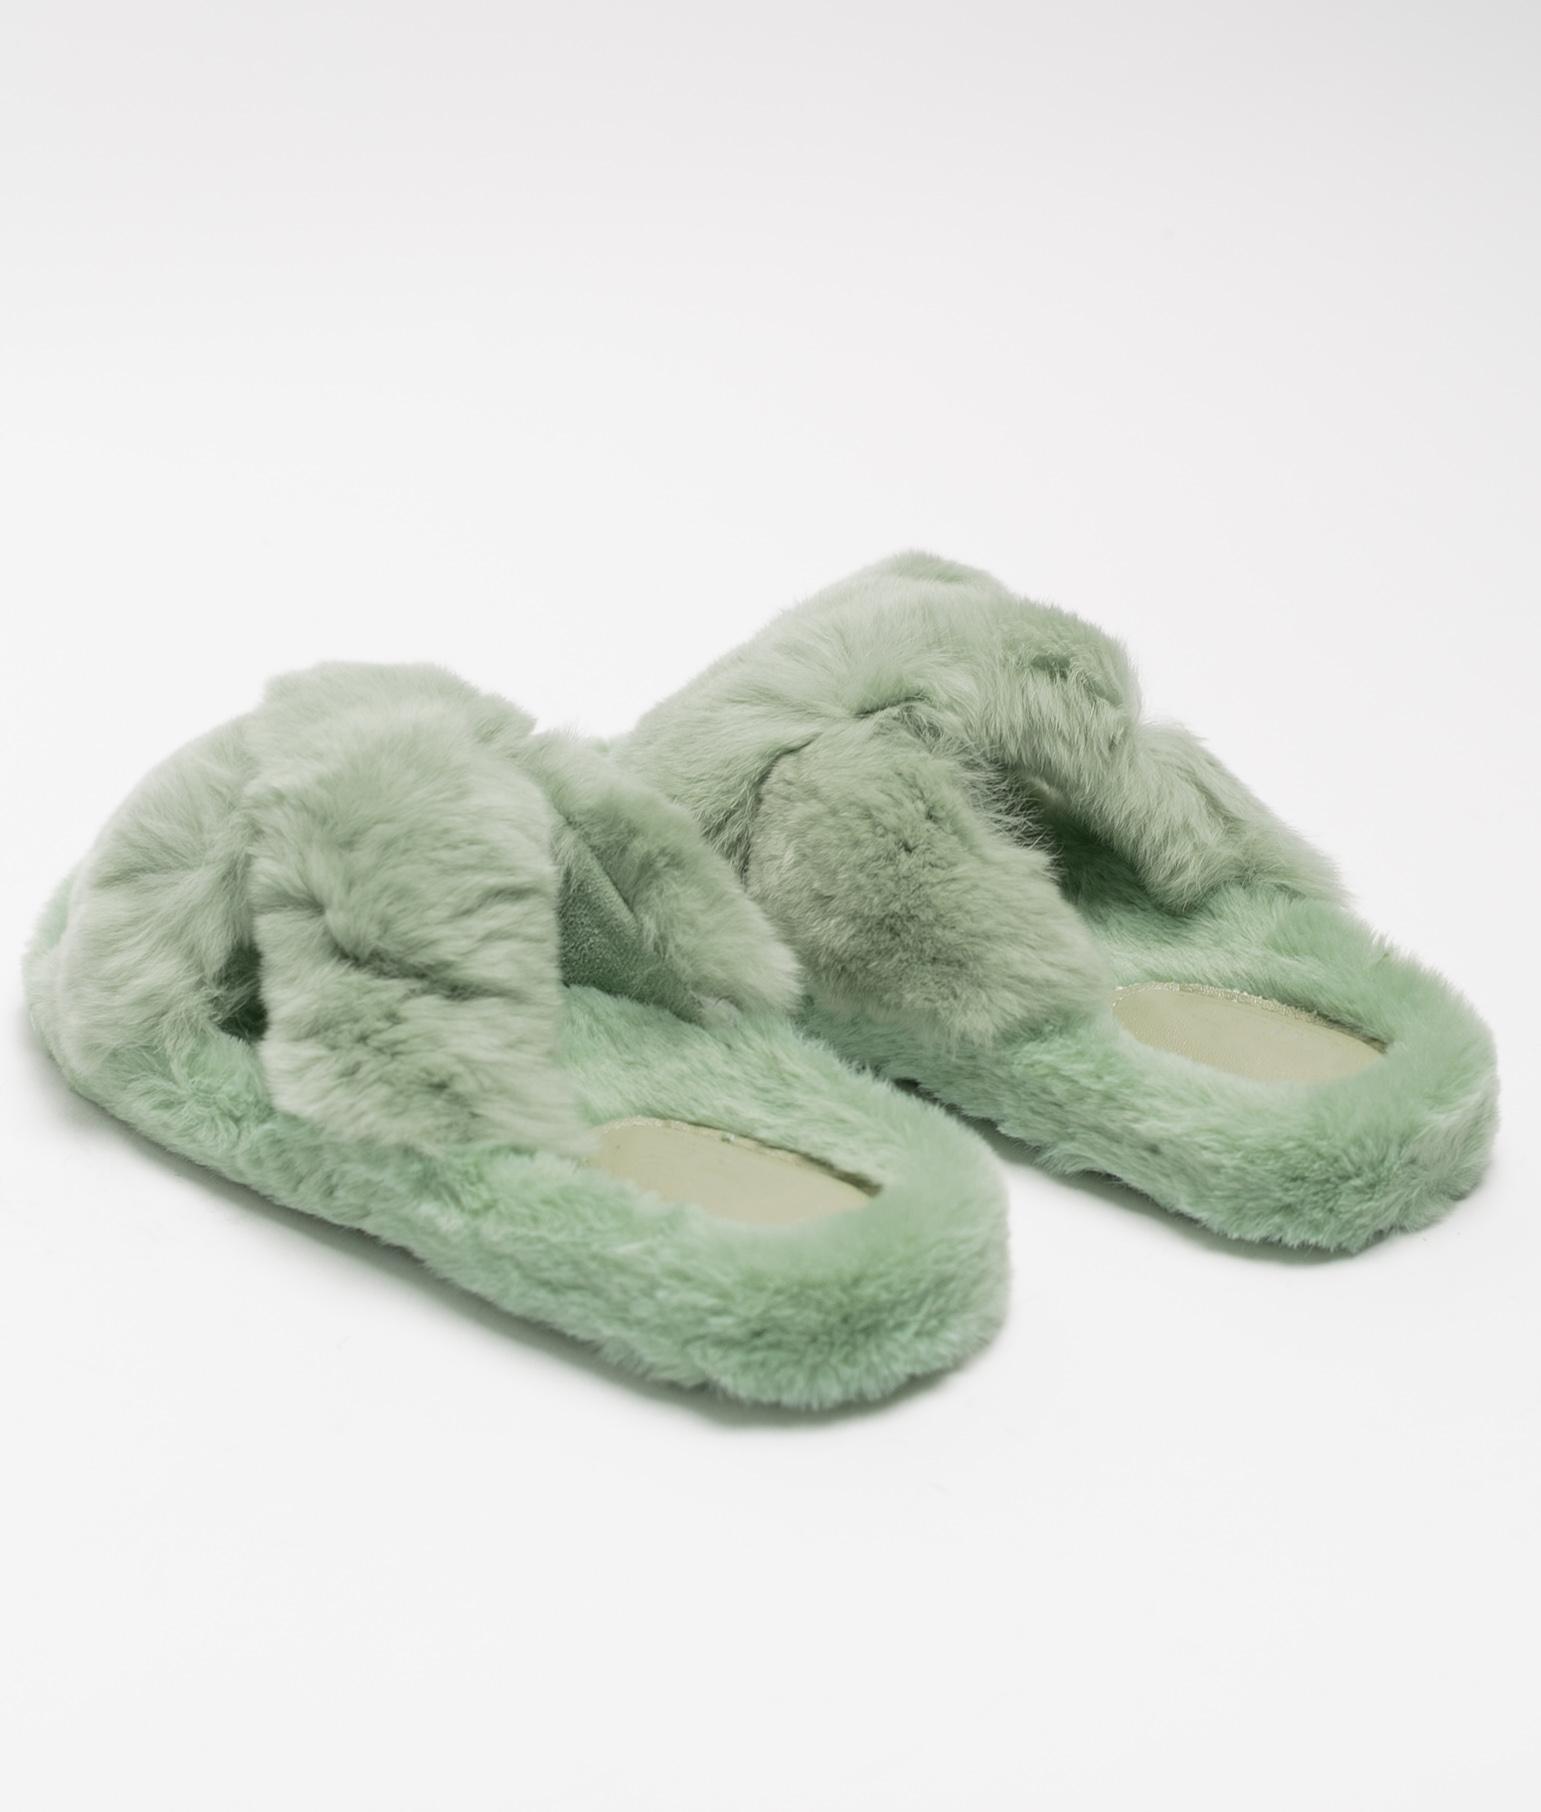 BUNY SLIPPERS - GREEN